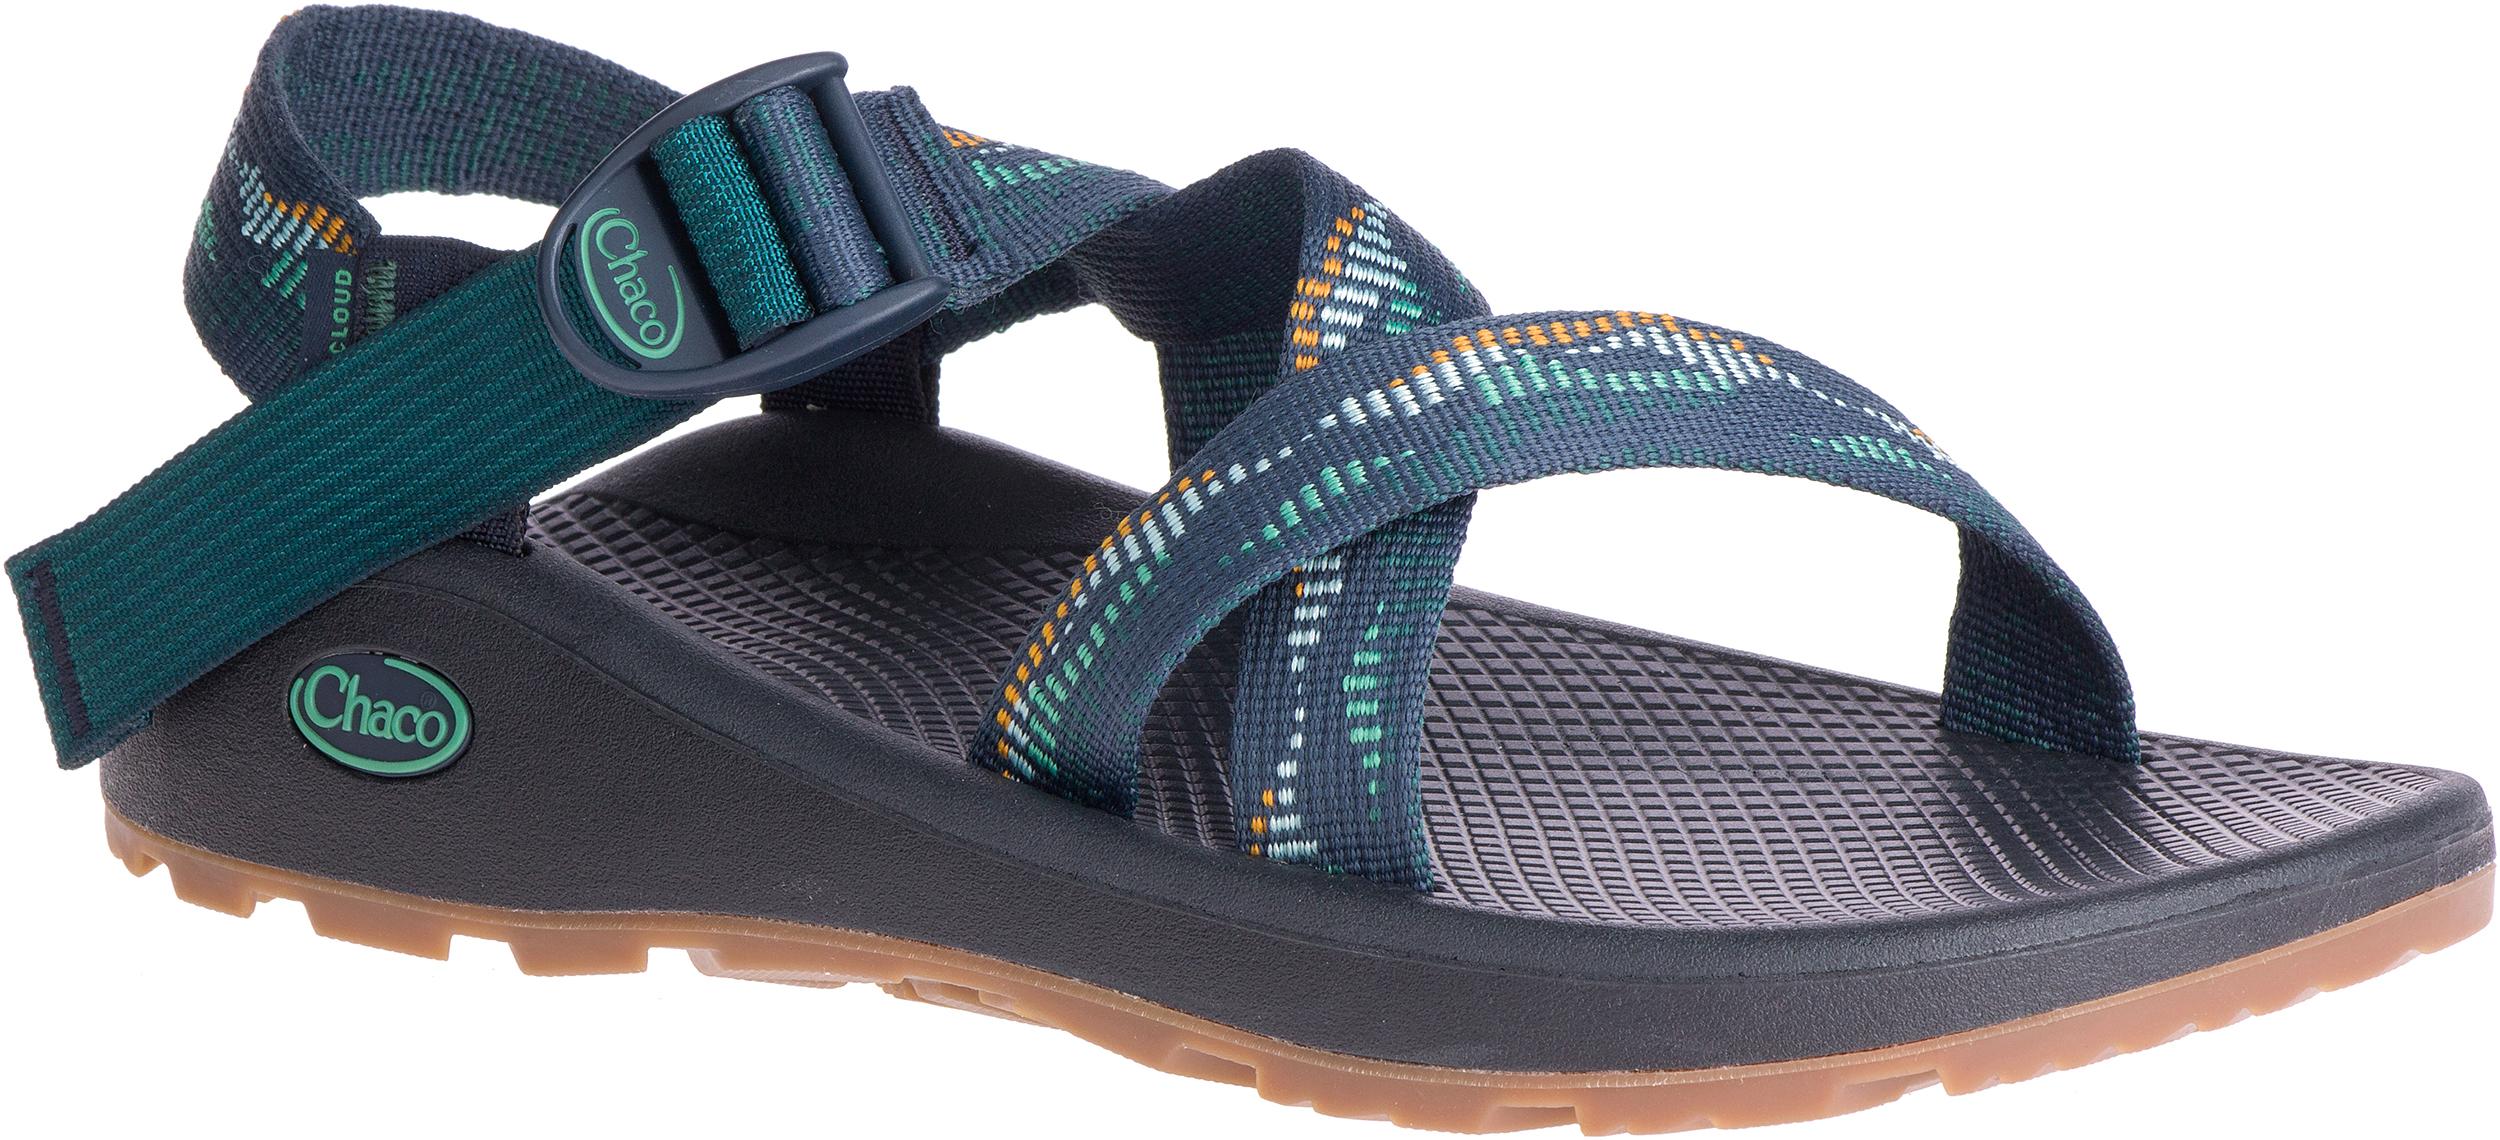 8091c5942c52 Chaco Z Cloud Sandals - Men s